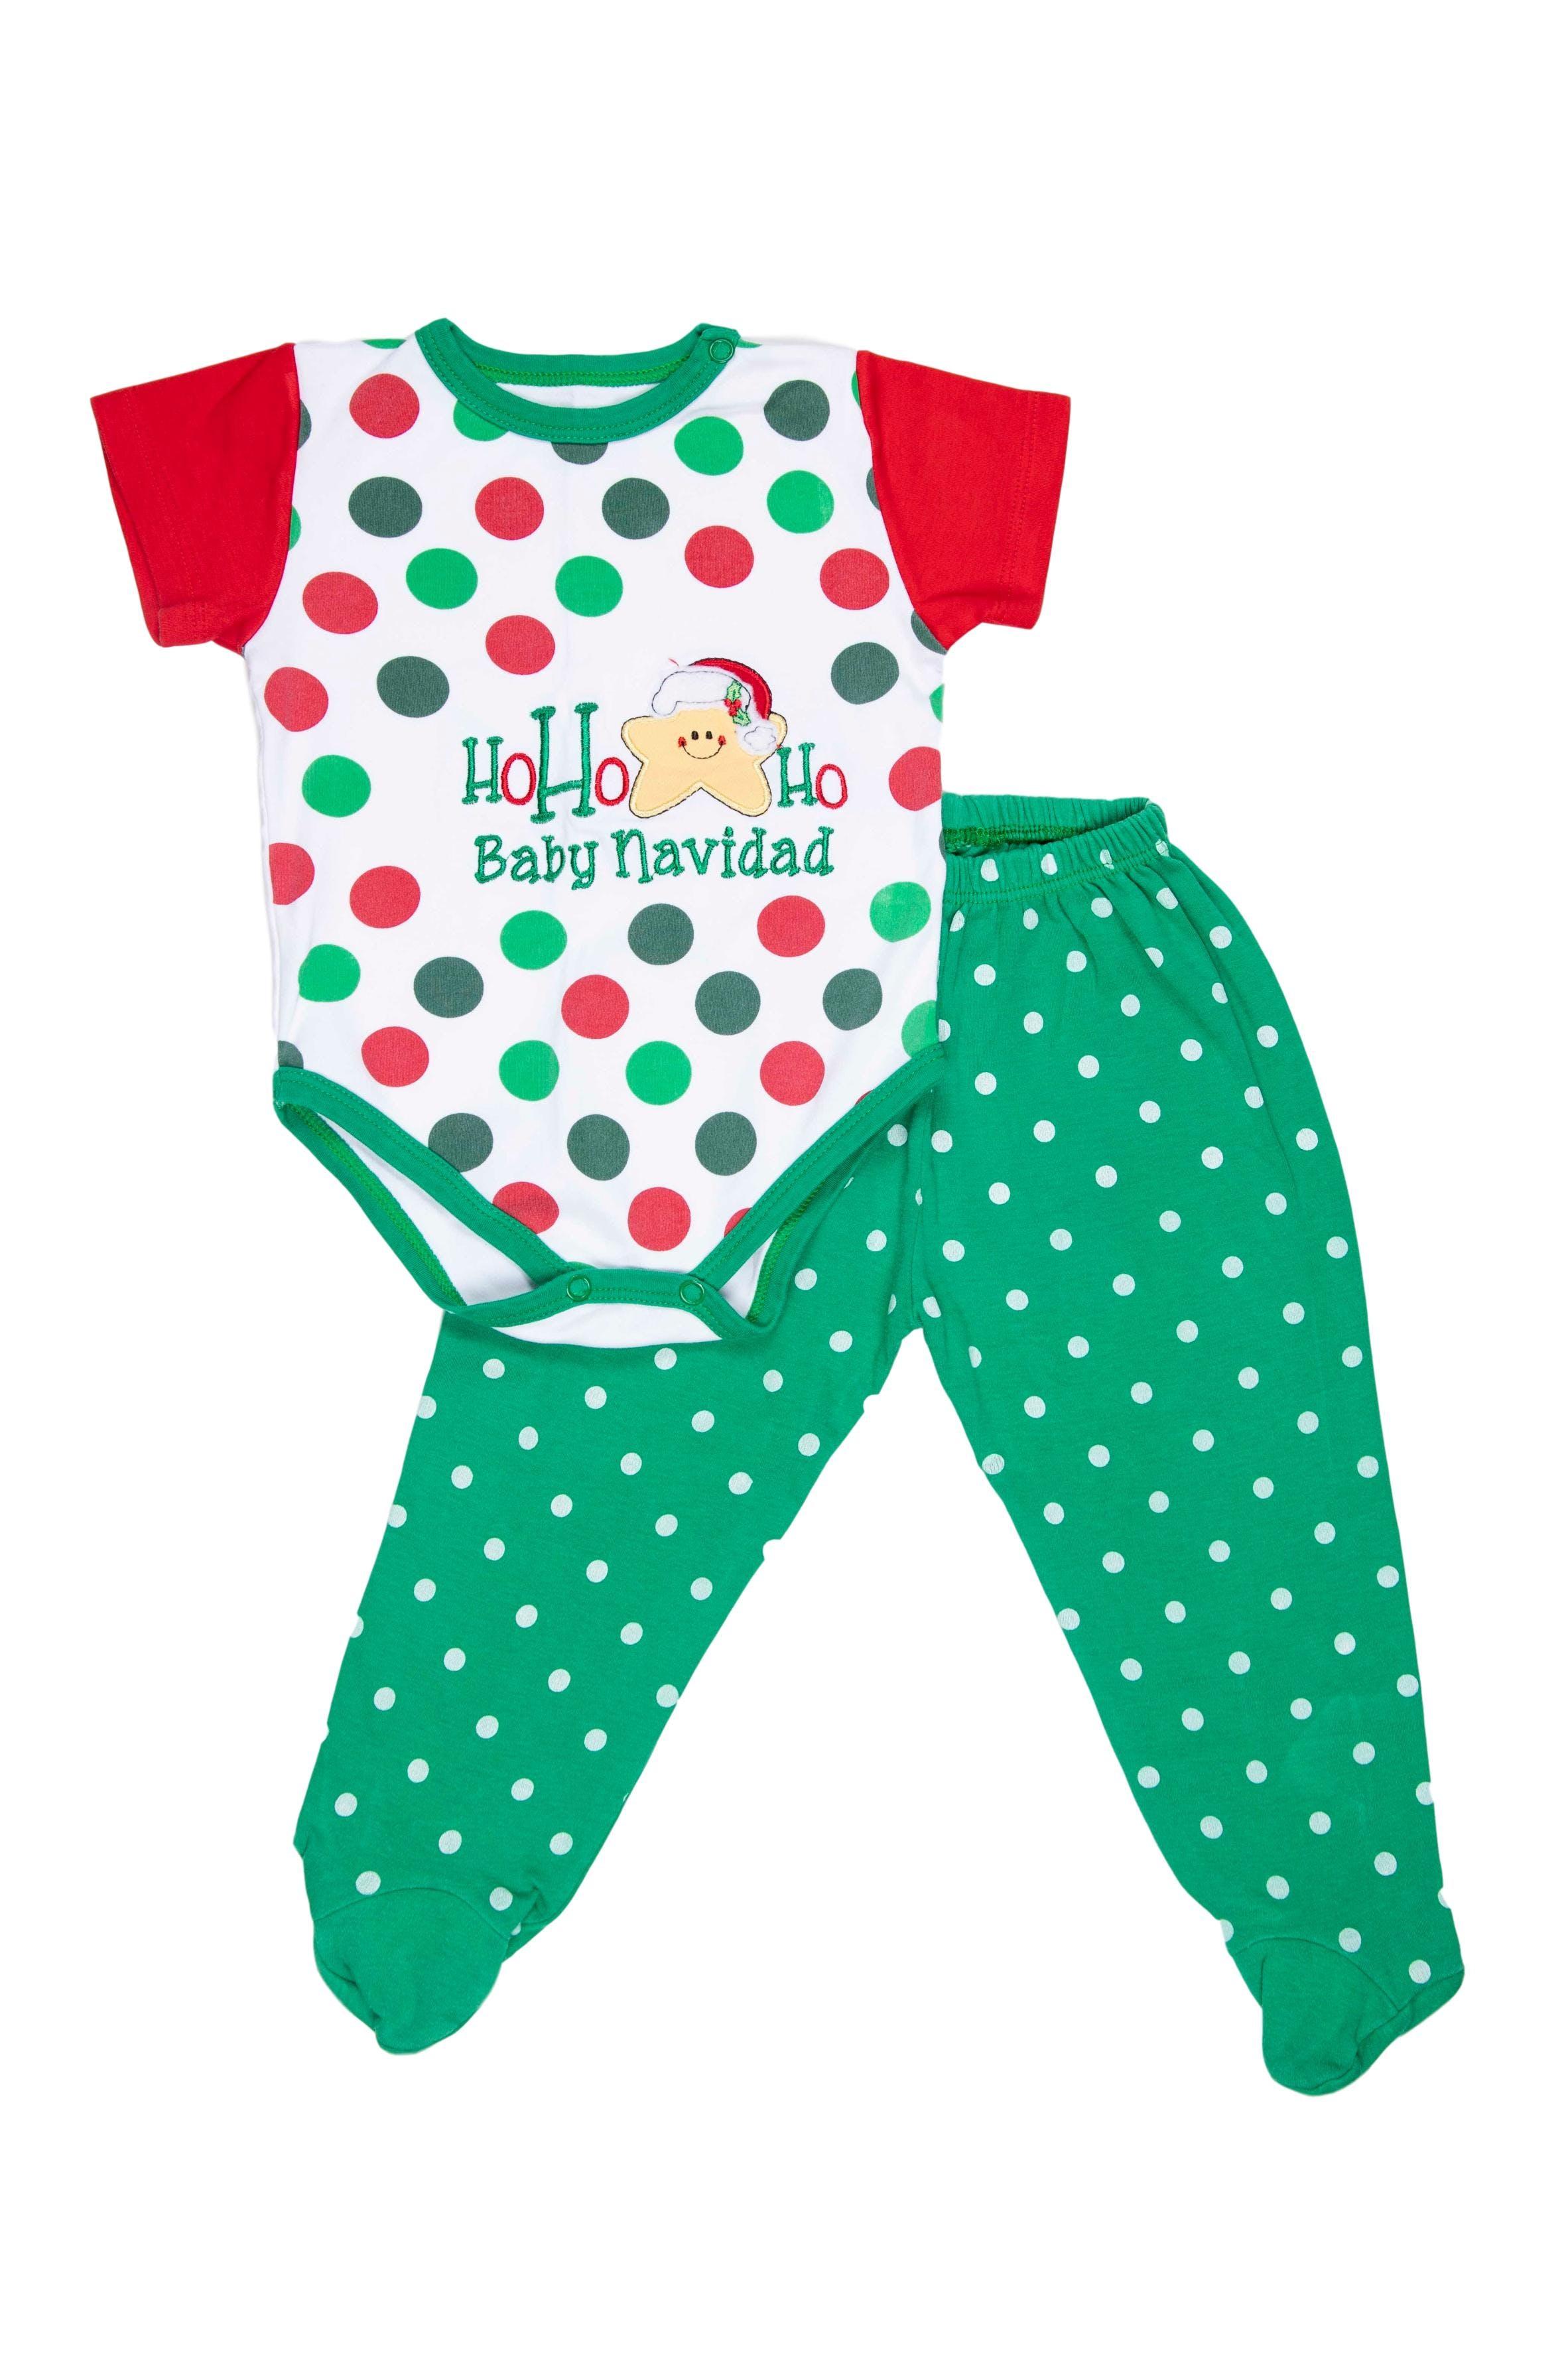 Conjunto body con bordado navideño y pantalón con pie 100% algodón. El pantalón da hasta 18 meses - Minimanitas